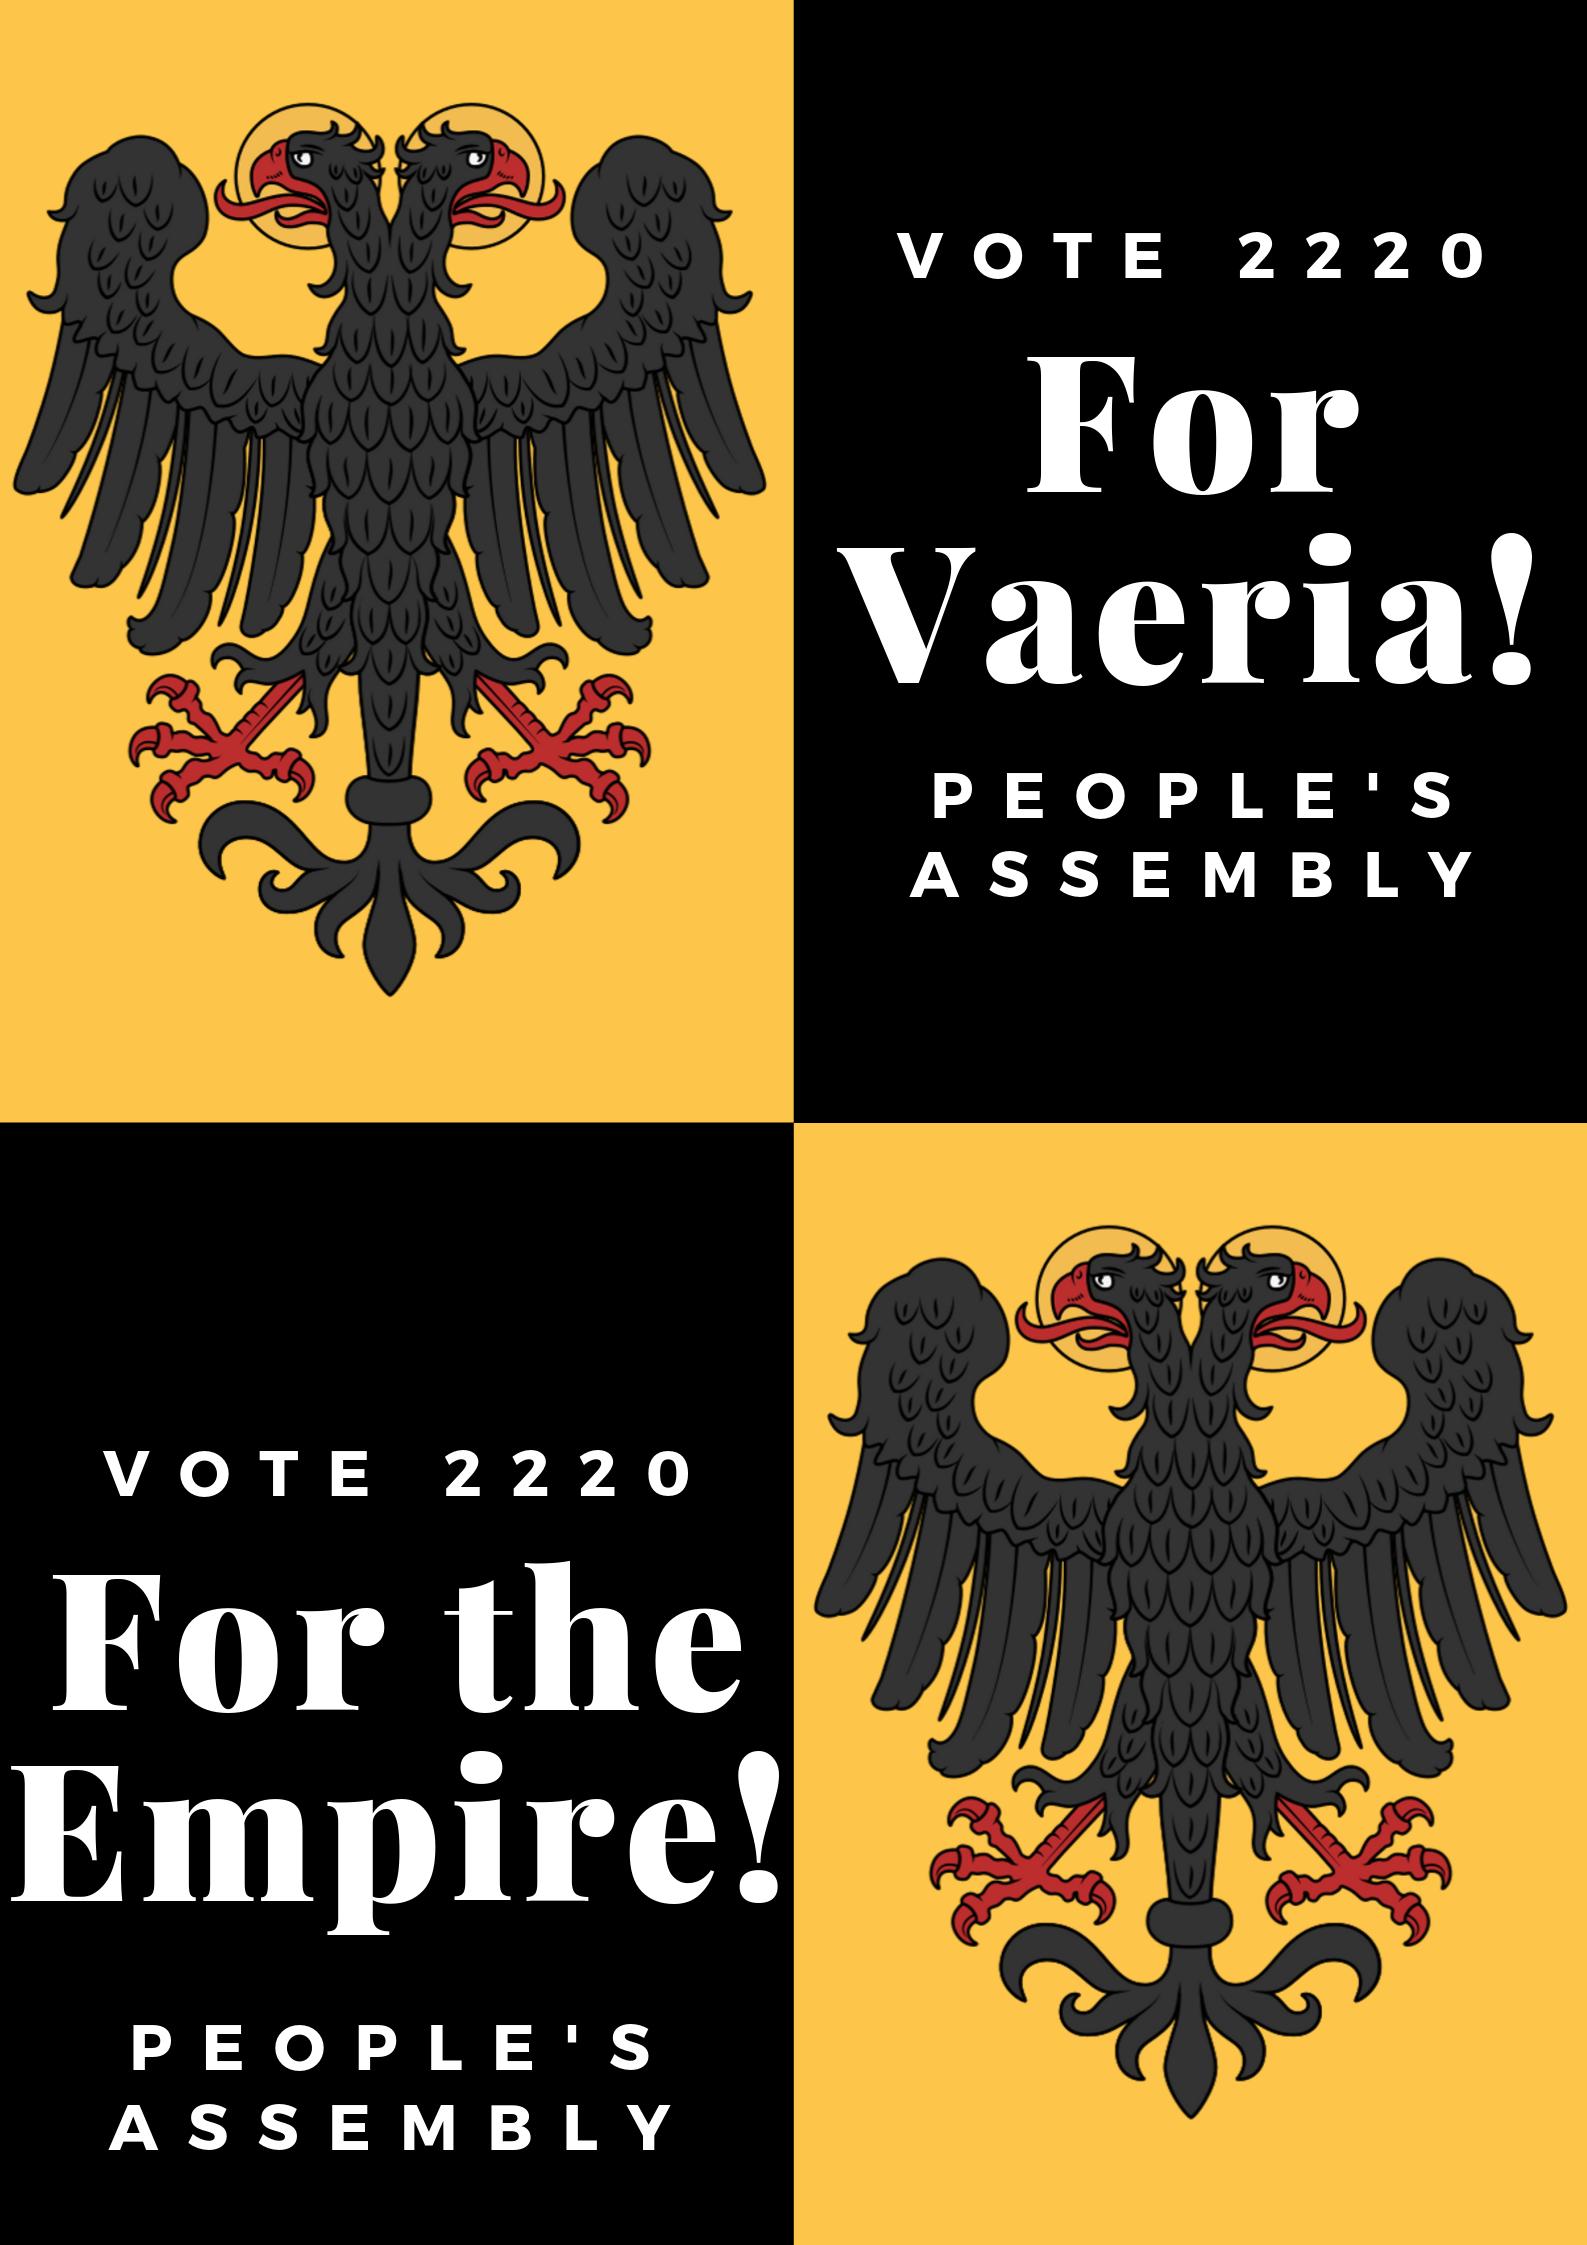 Vote_2220.png